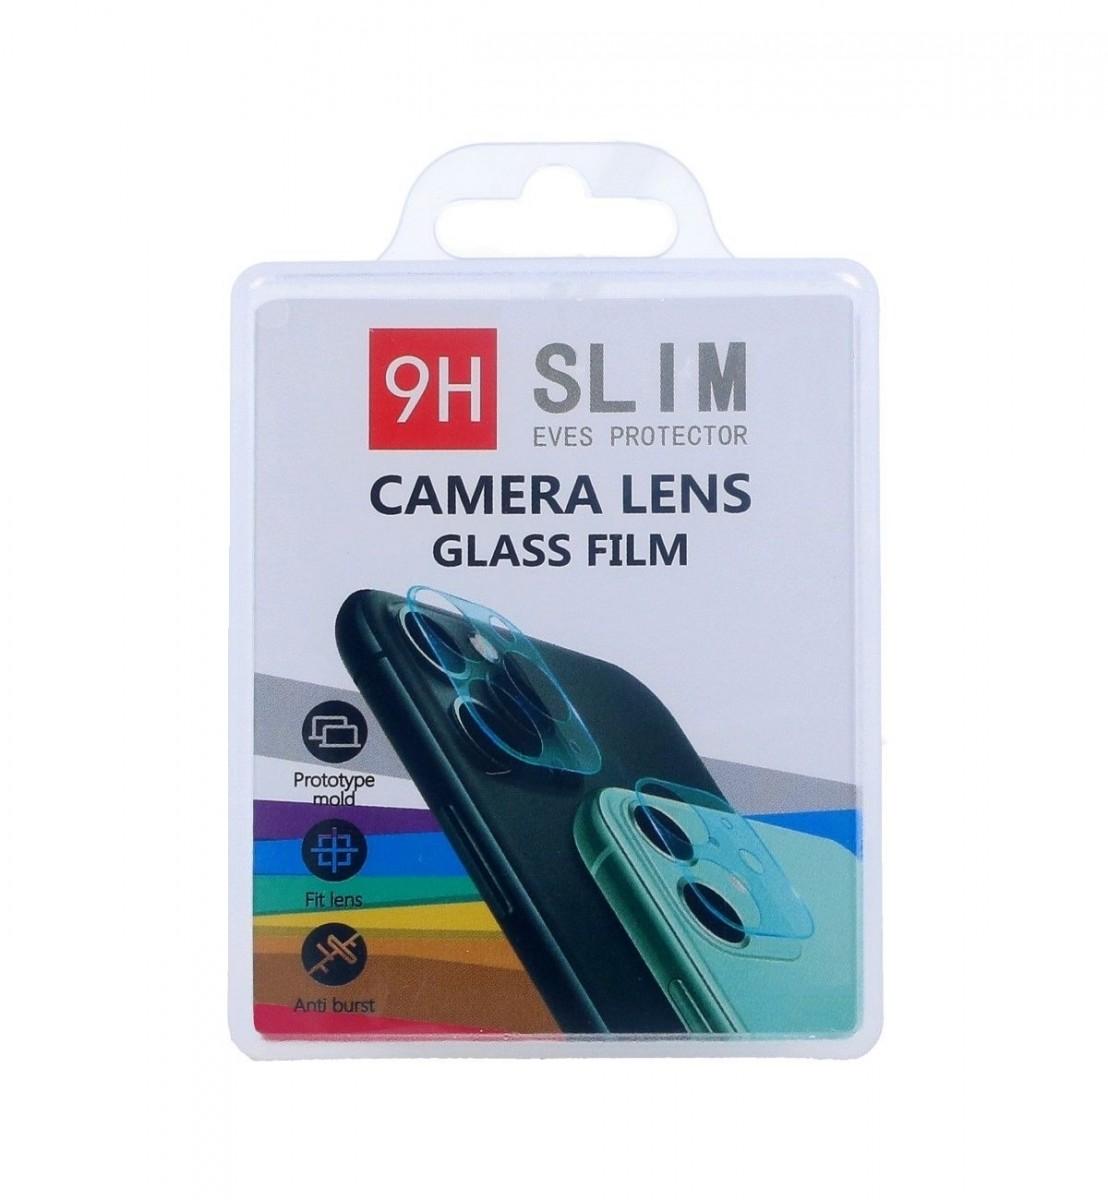 Tvrzené sklo TopQ na zadní fotoaparát iPhone SE 2020 54787 (ochranné sklo na zadní čočku fotoaparátu iPhone SE 2020)